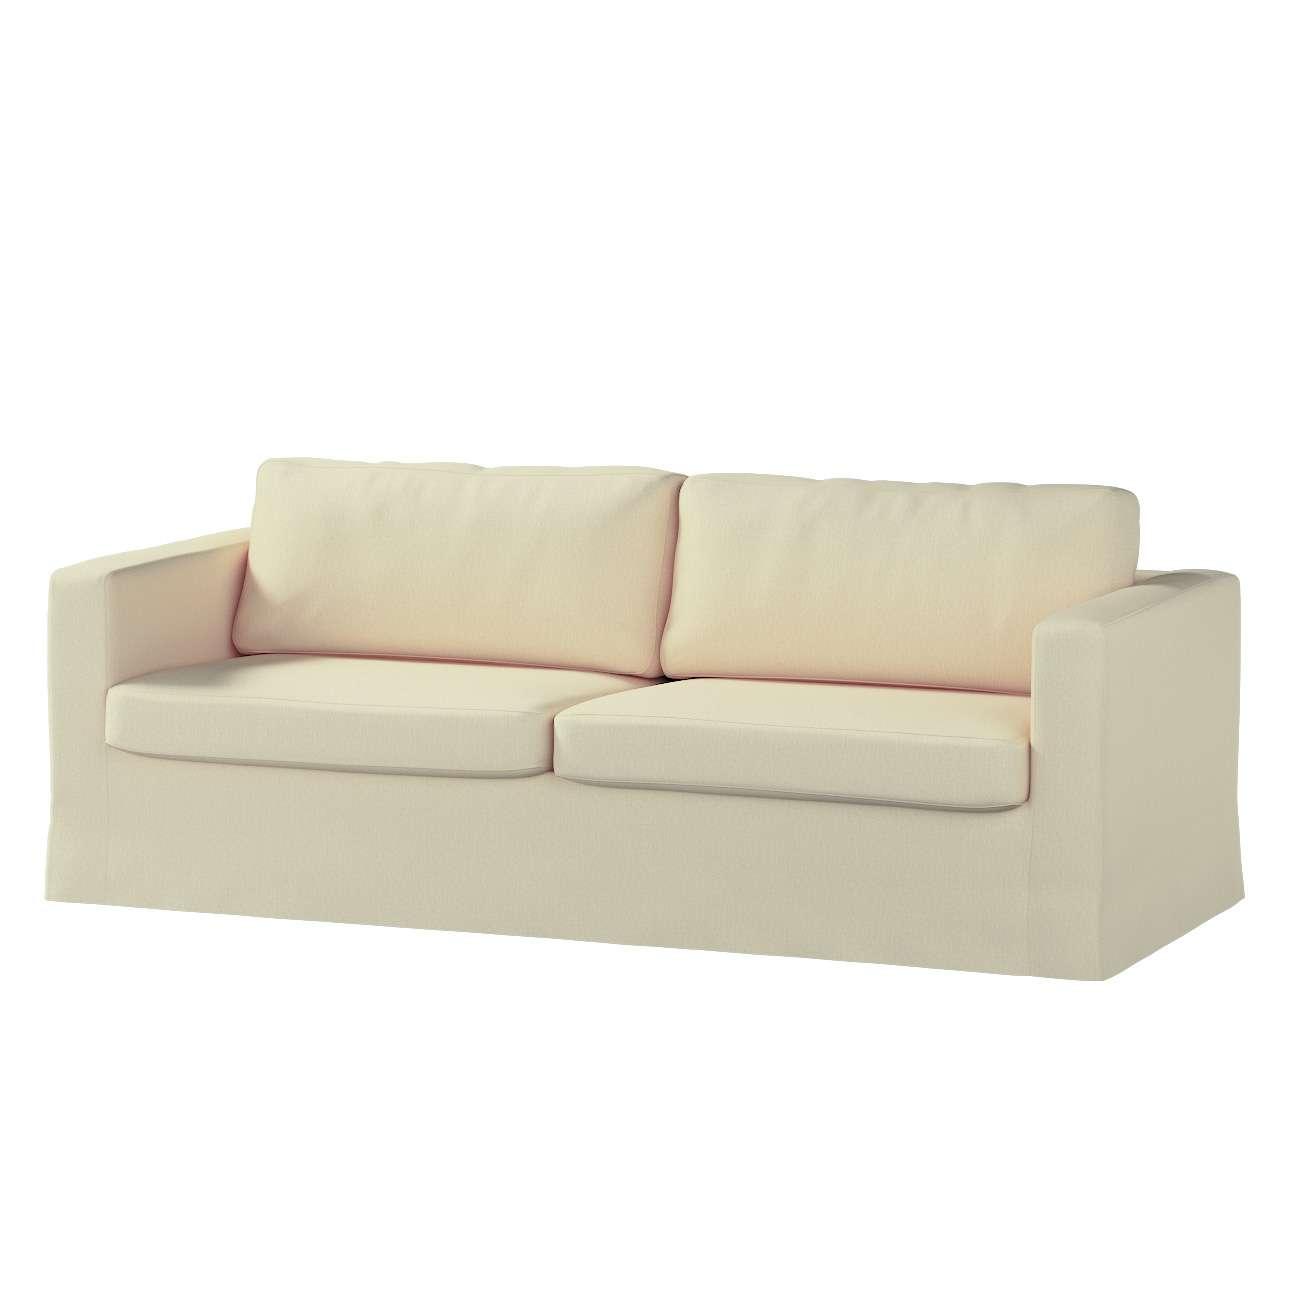 Karlstad trivietės sofos užvalkalas (ilgas, iki žemės) Karlstad trivietės sofos užvalkalas (ilgas, iki žemės) kolekcijoje Chenille, audinys: 702-22